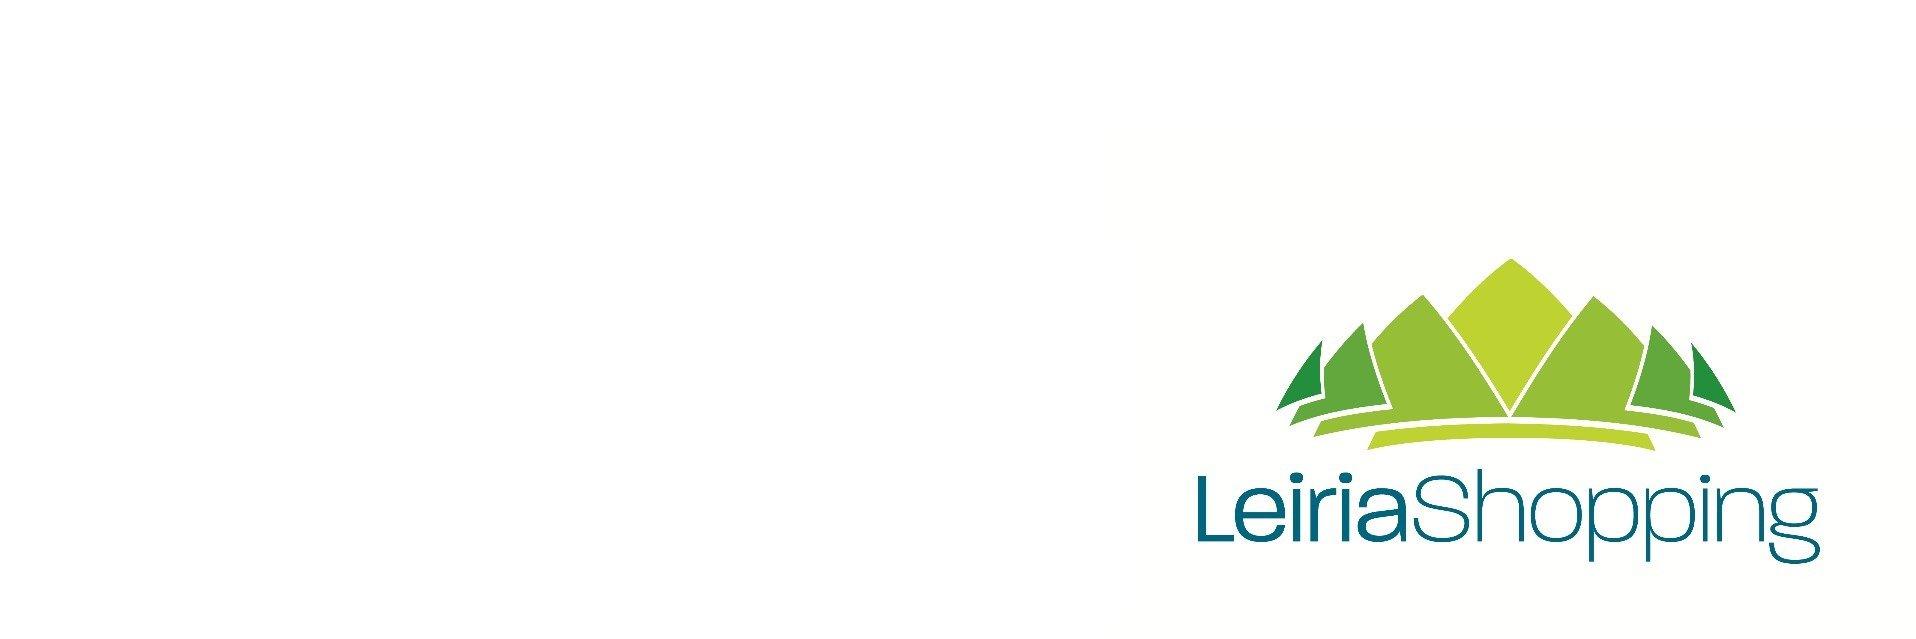 LeiriaShopping vai entregar mais de 4 mil refeições à Rede de Emergência Alimentar